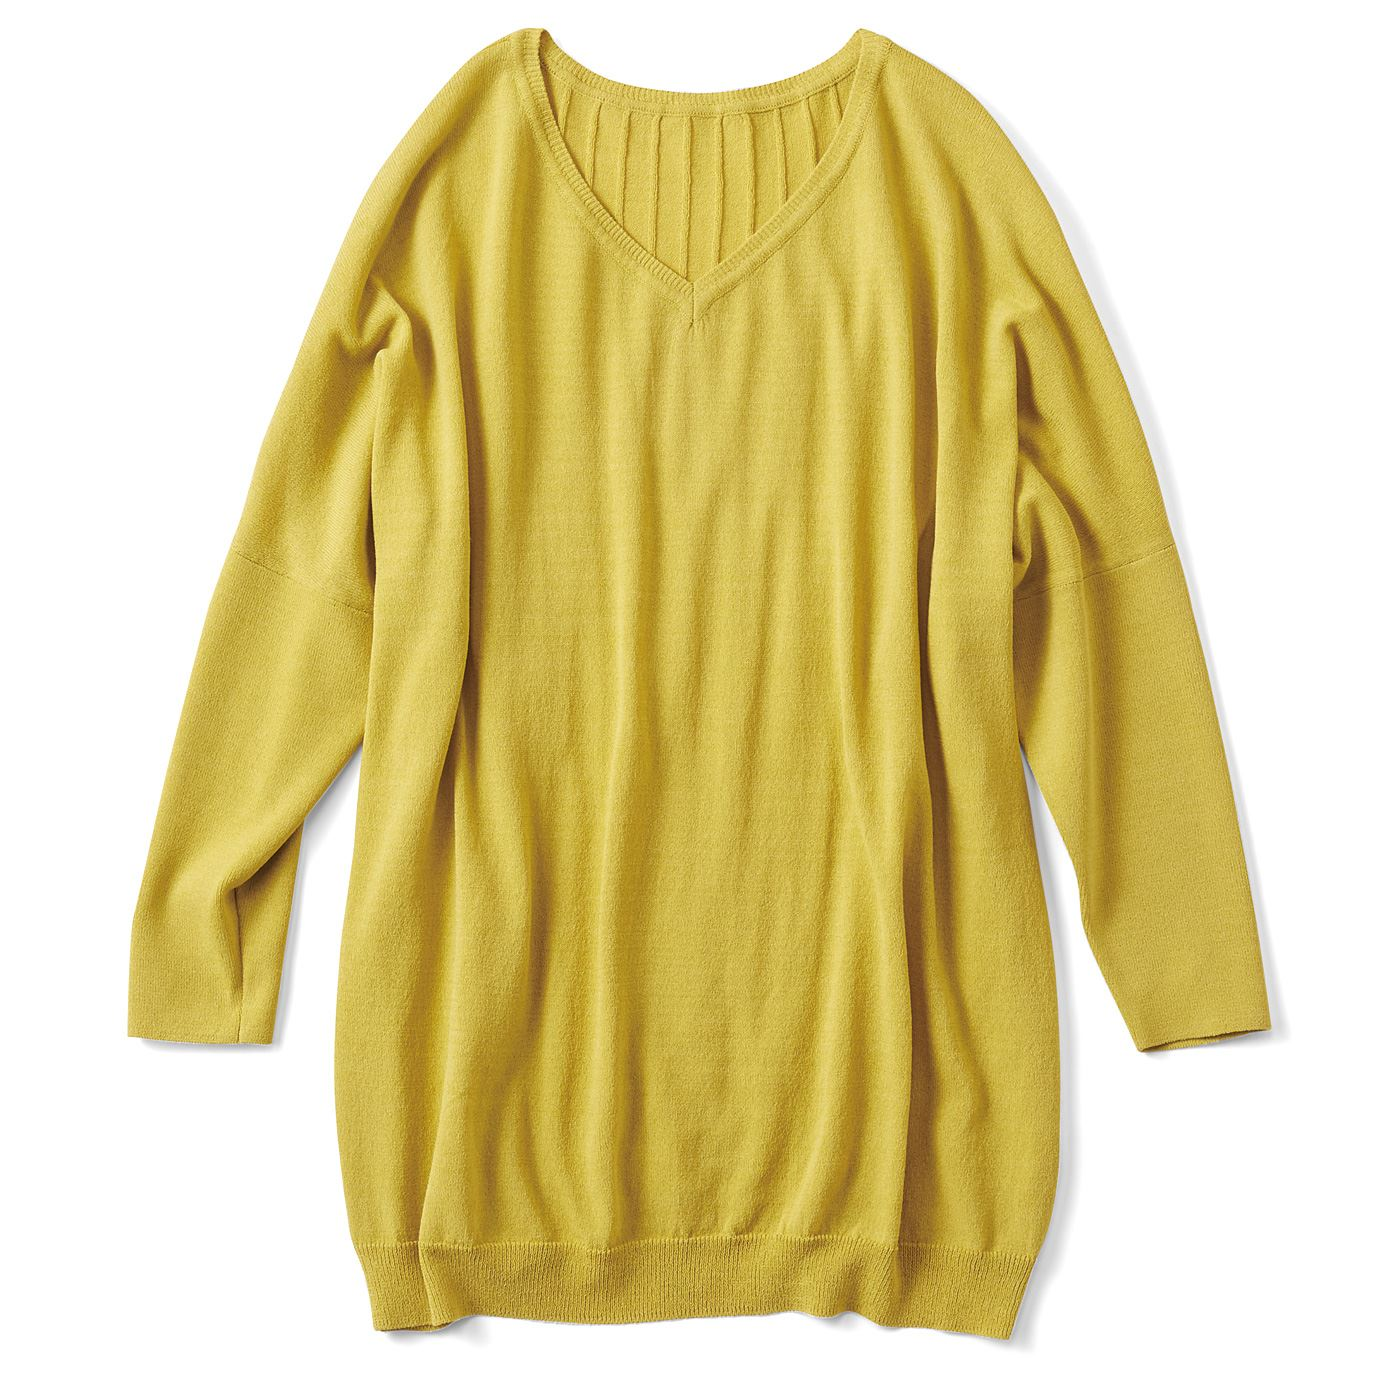 フェリシモ リブ イン コンフォート Tシャツ感覚で着られてきれい見えする さらシャリニットトップス〈ミモザイエロー〉